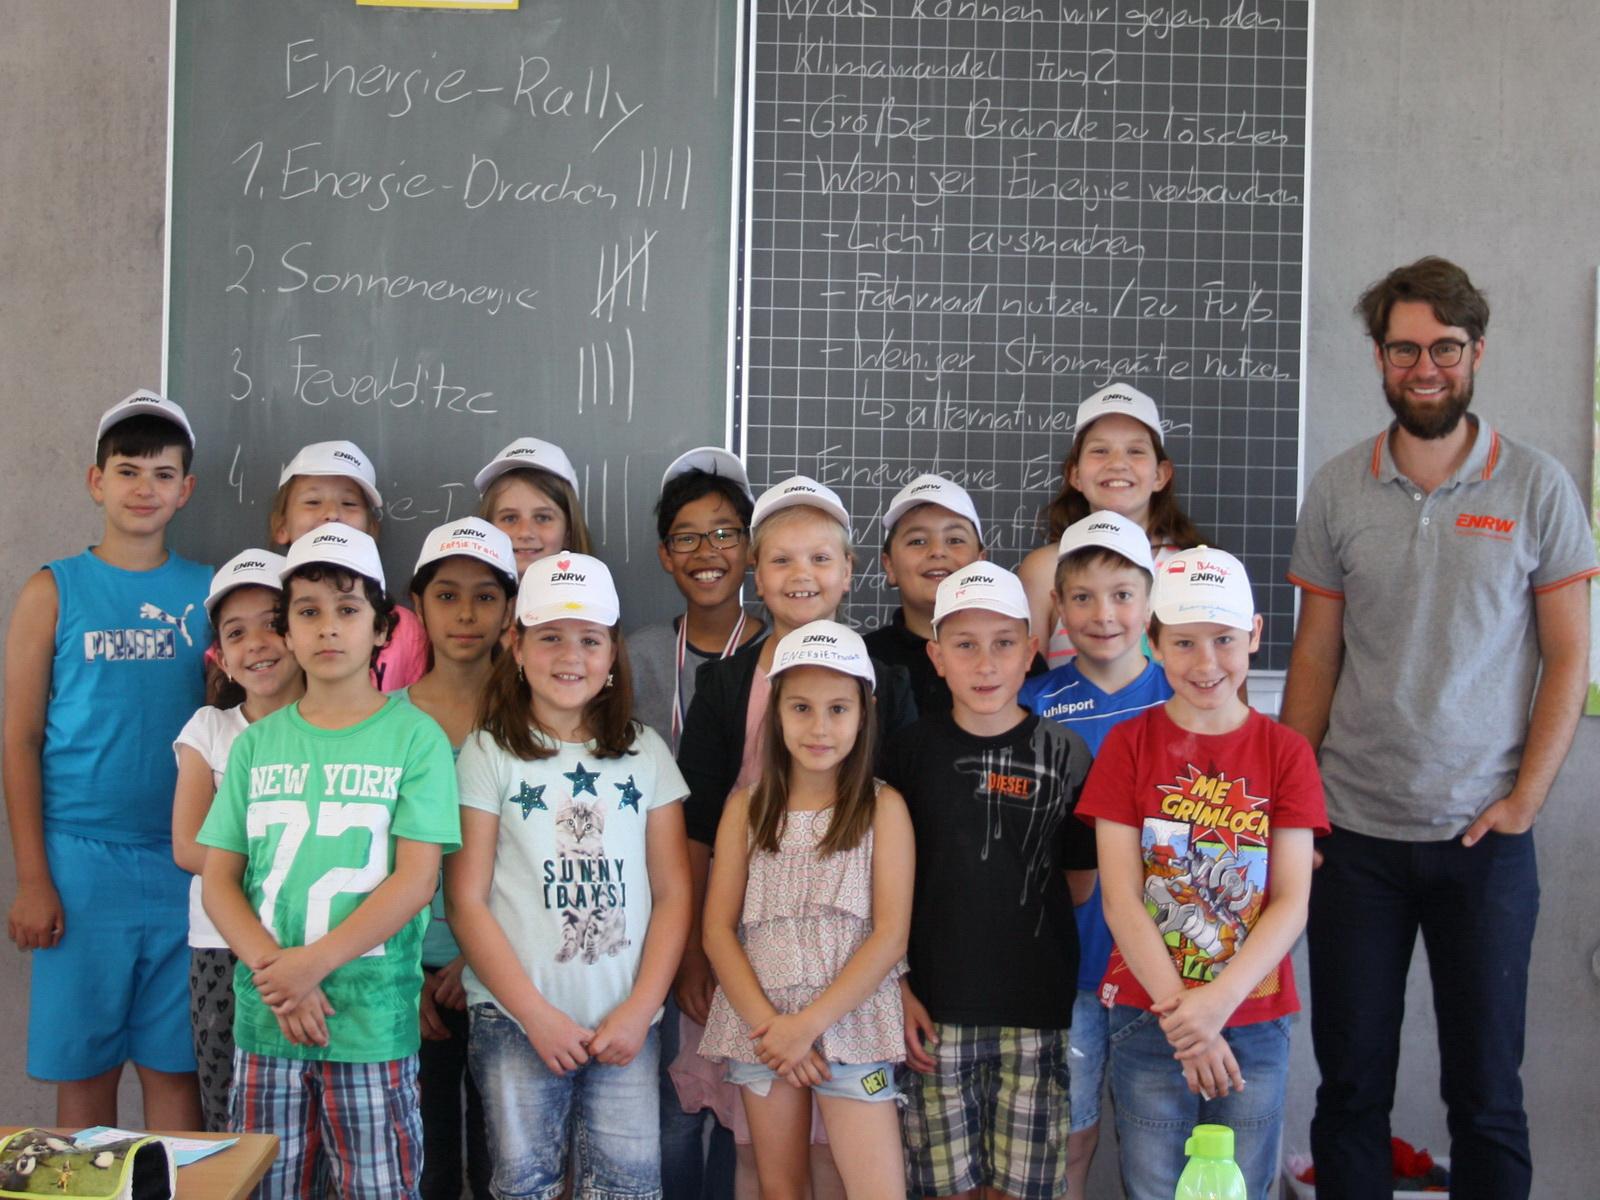 ENRW-Energieunterricht an der Schlossbergschule Wehingen, Klasse 3b